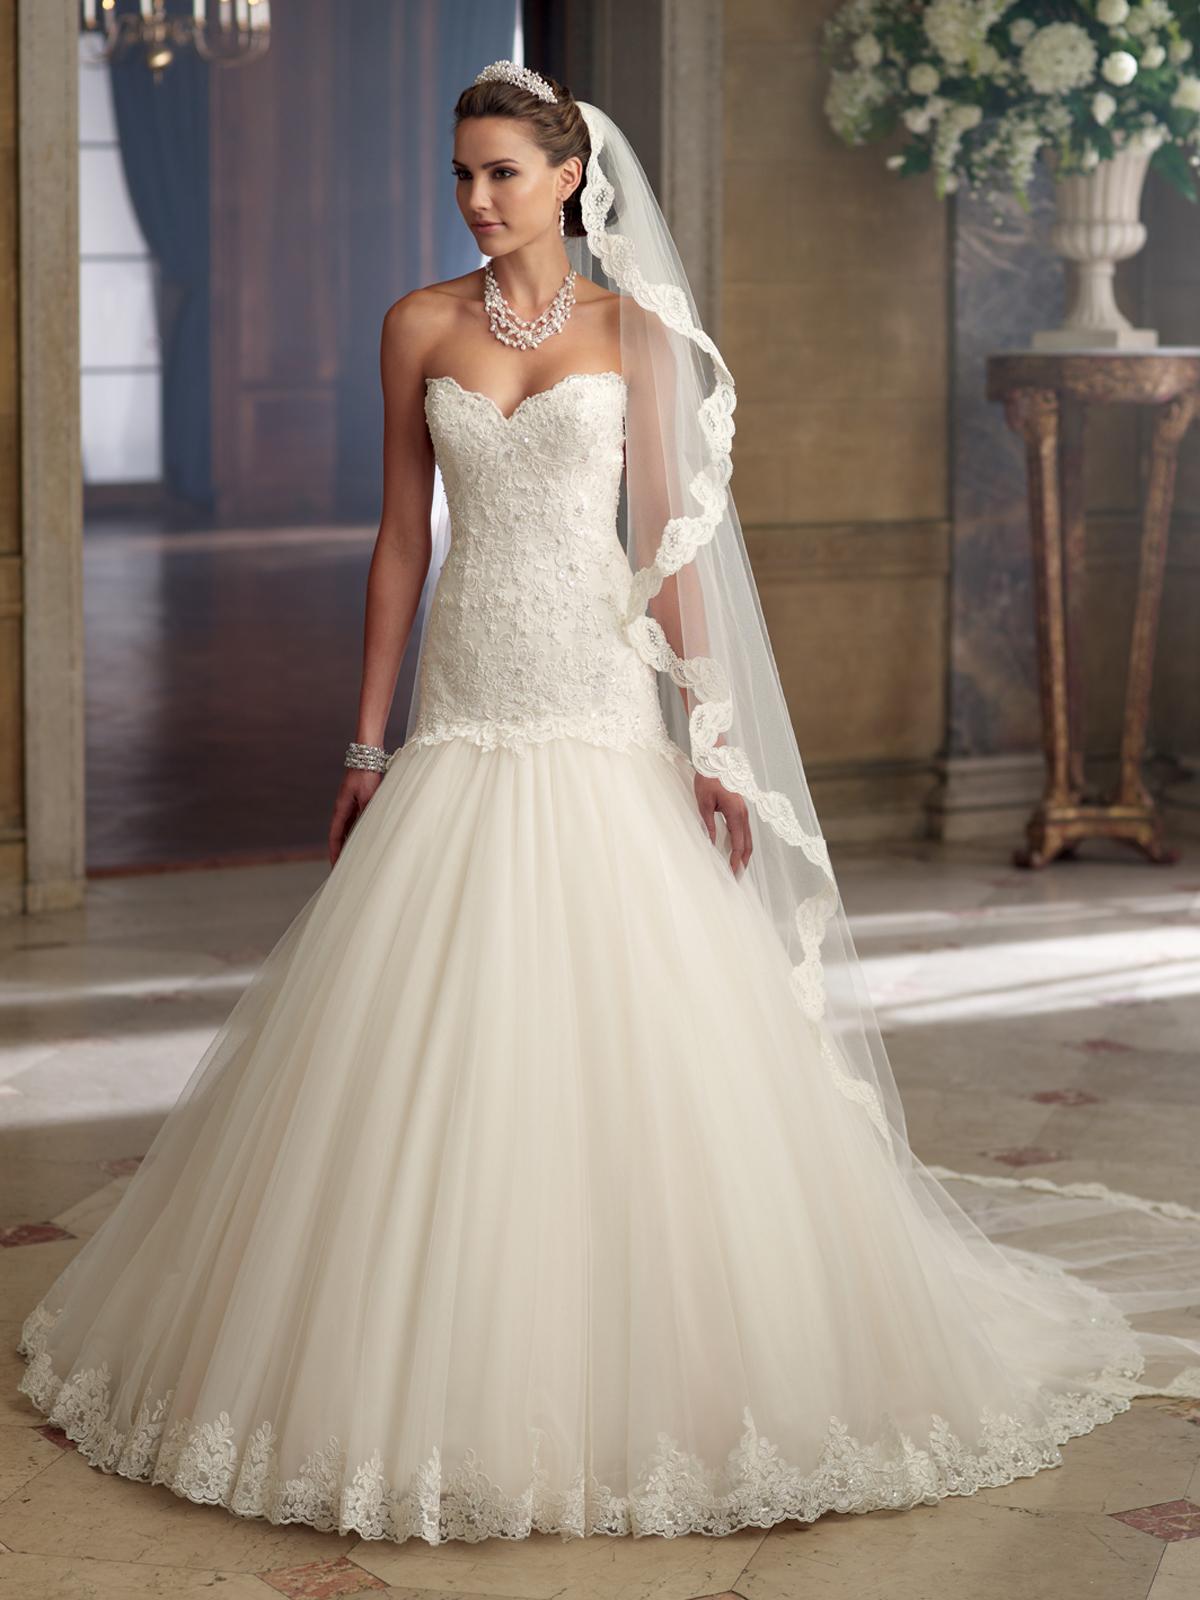 David Tutera Mon Cheri Bridal Gowns Davina #213244 on Storenvy